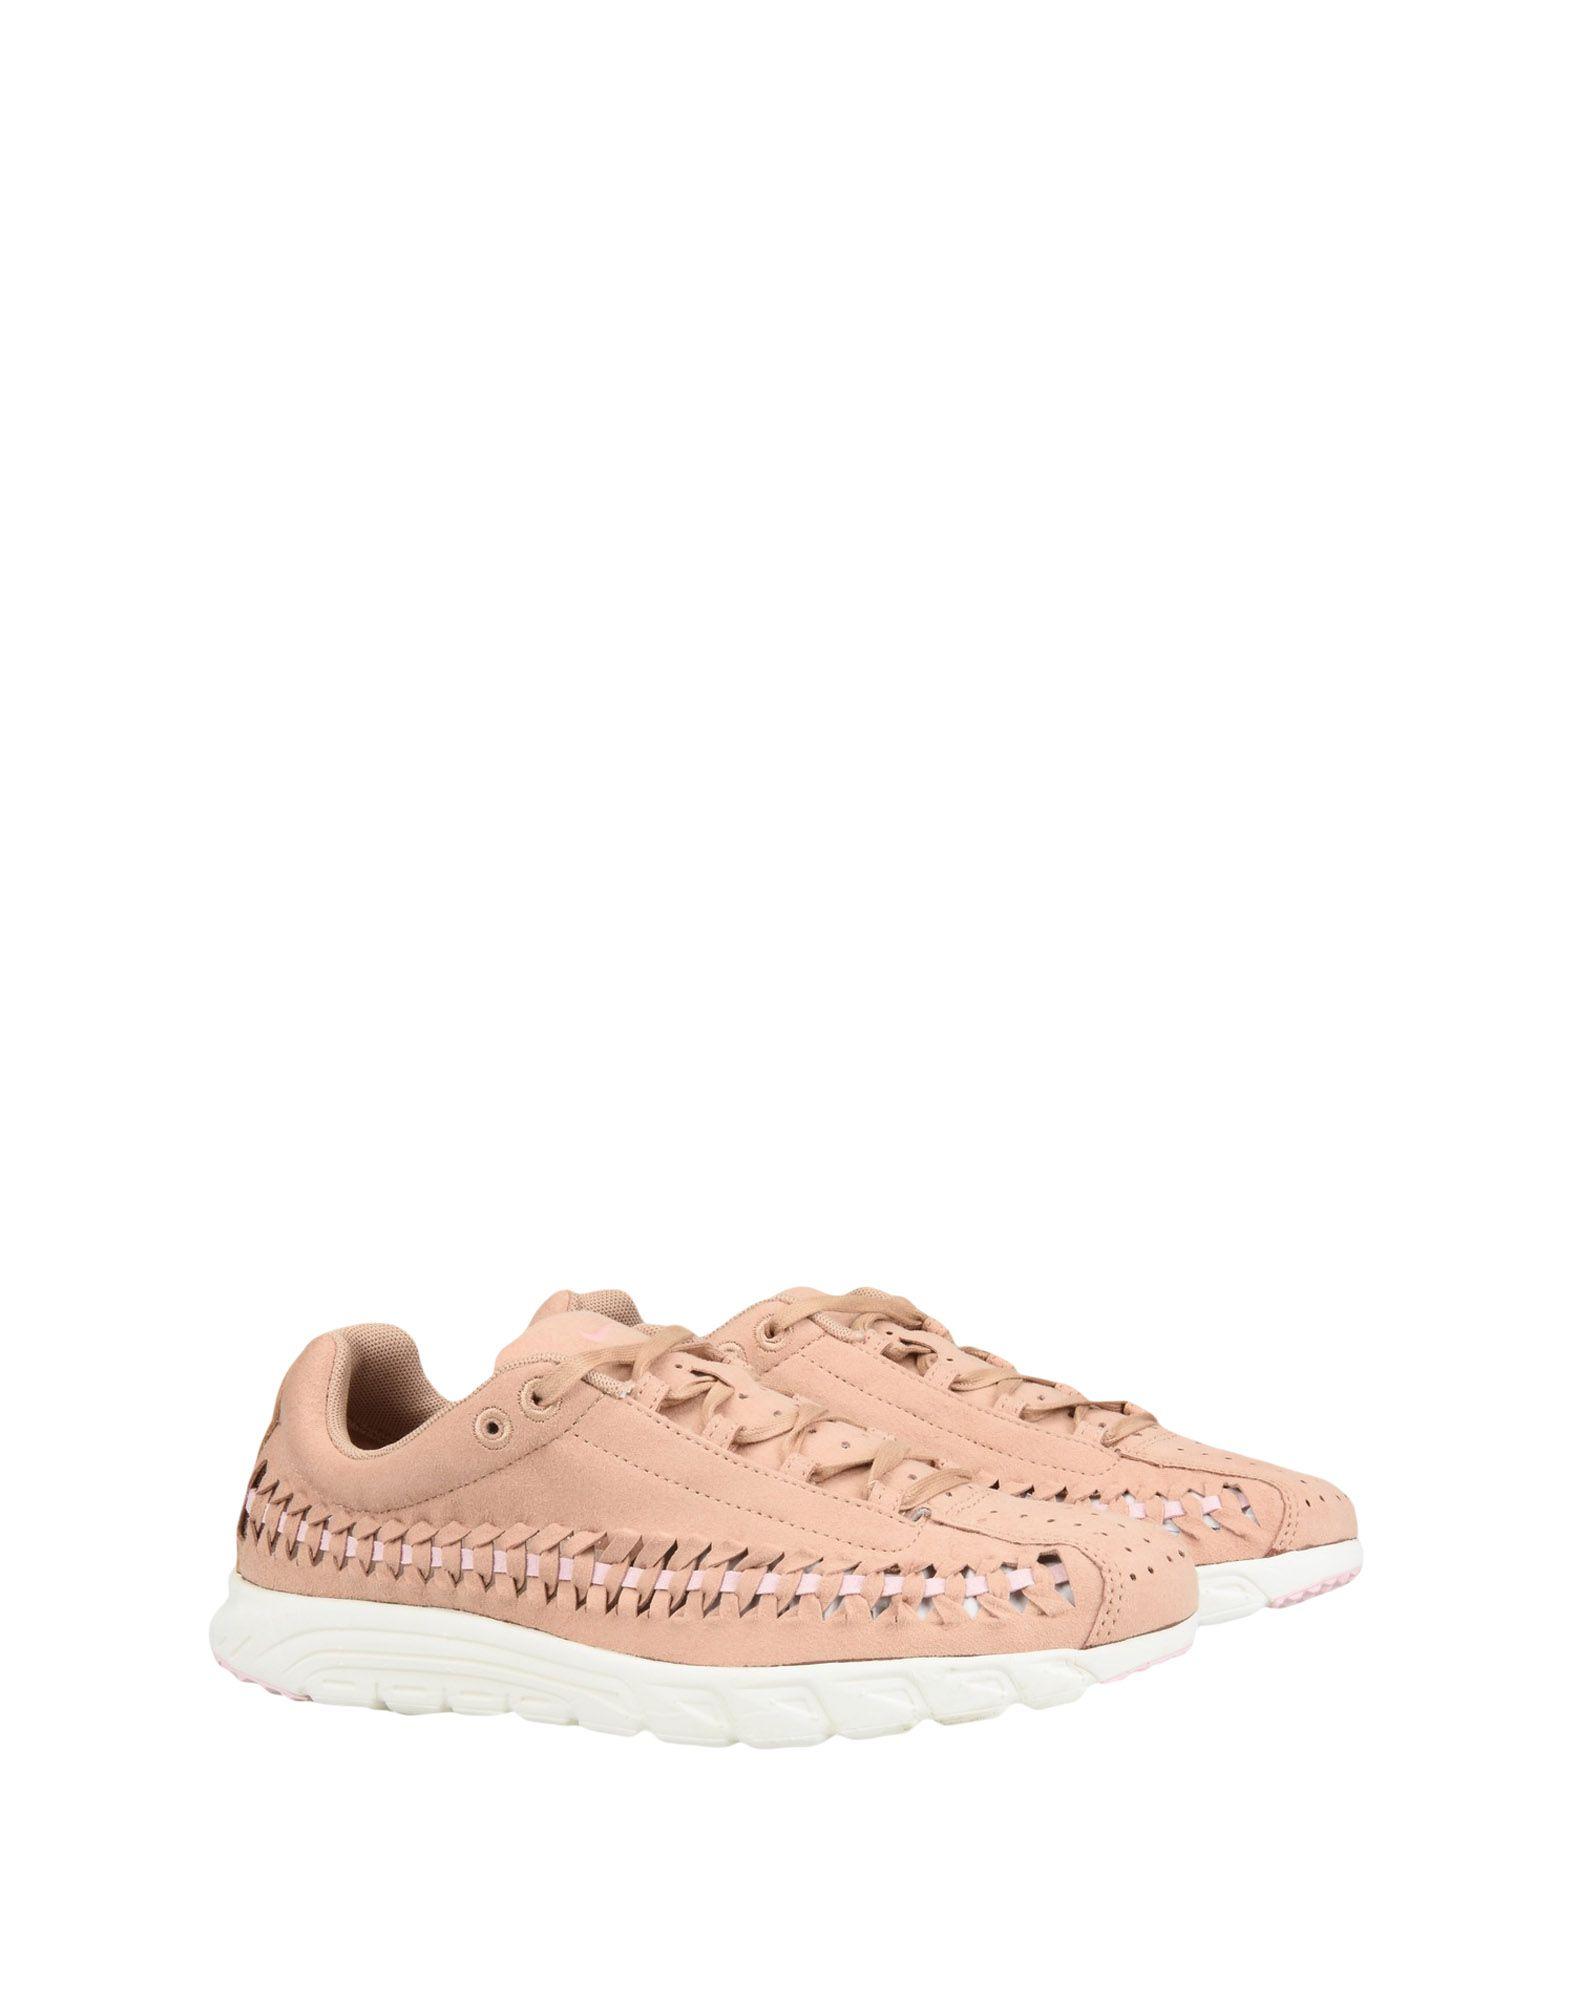 Nike  Mayfly Woven  Qualität 11279946JT Gute Qualität  beliebte Schuhe ed8f3a